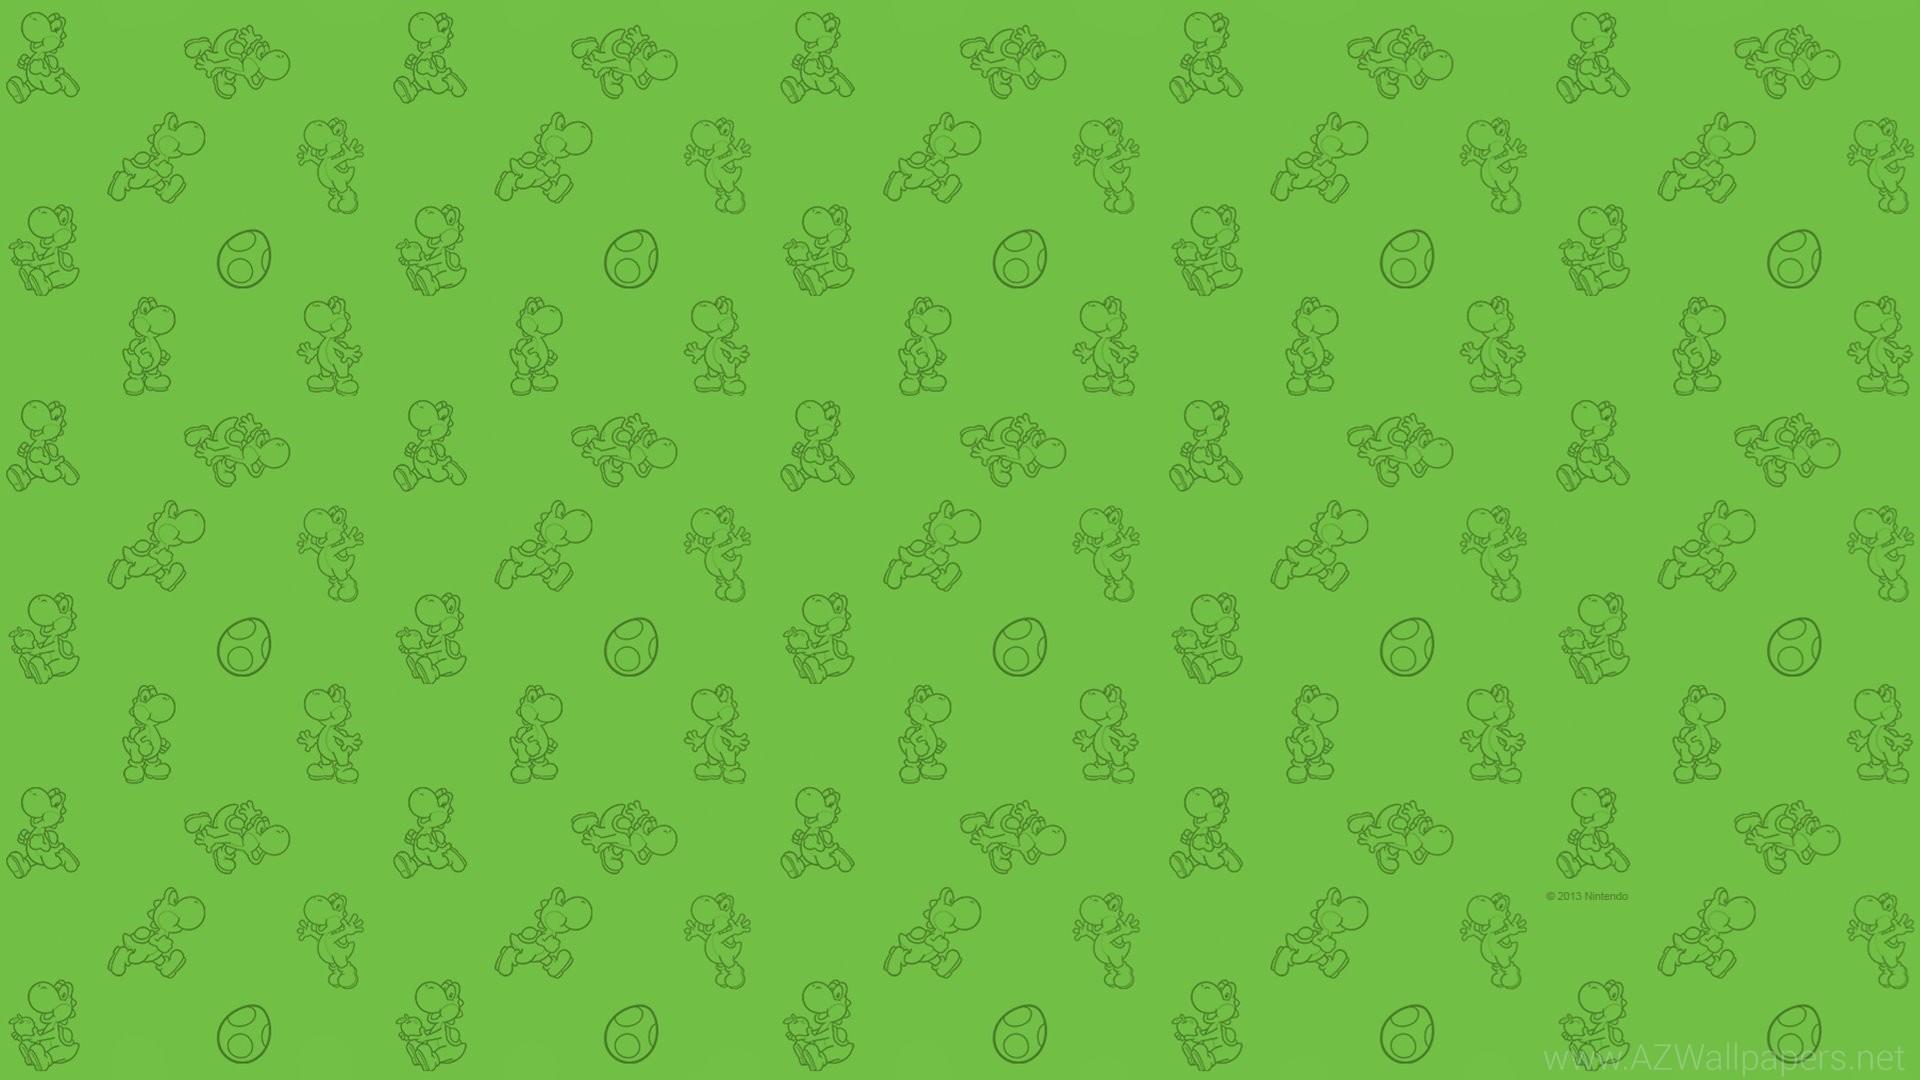 Yoshi Background Wallpaper